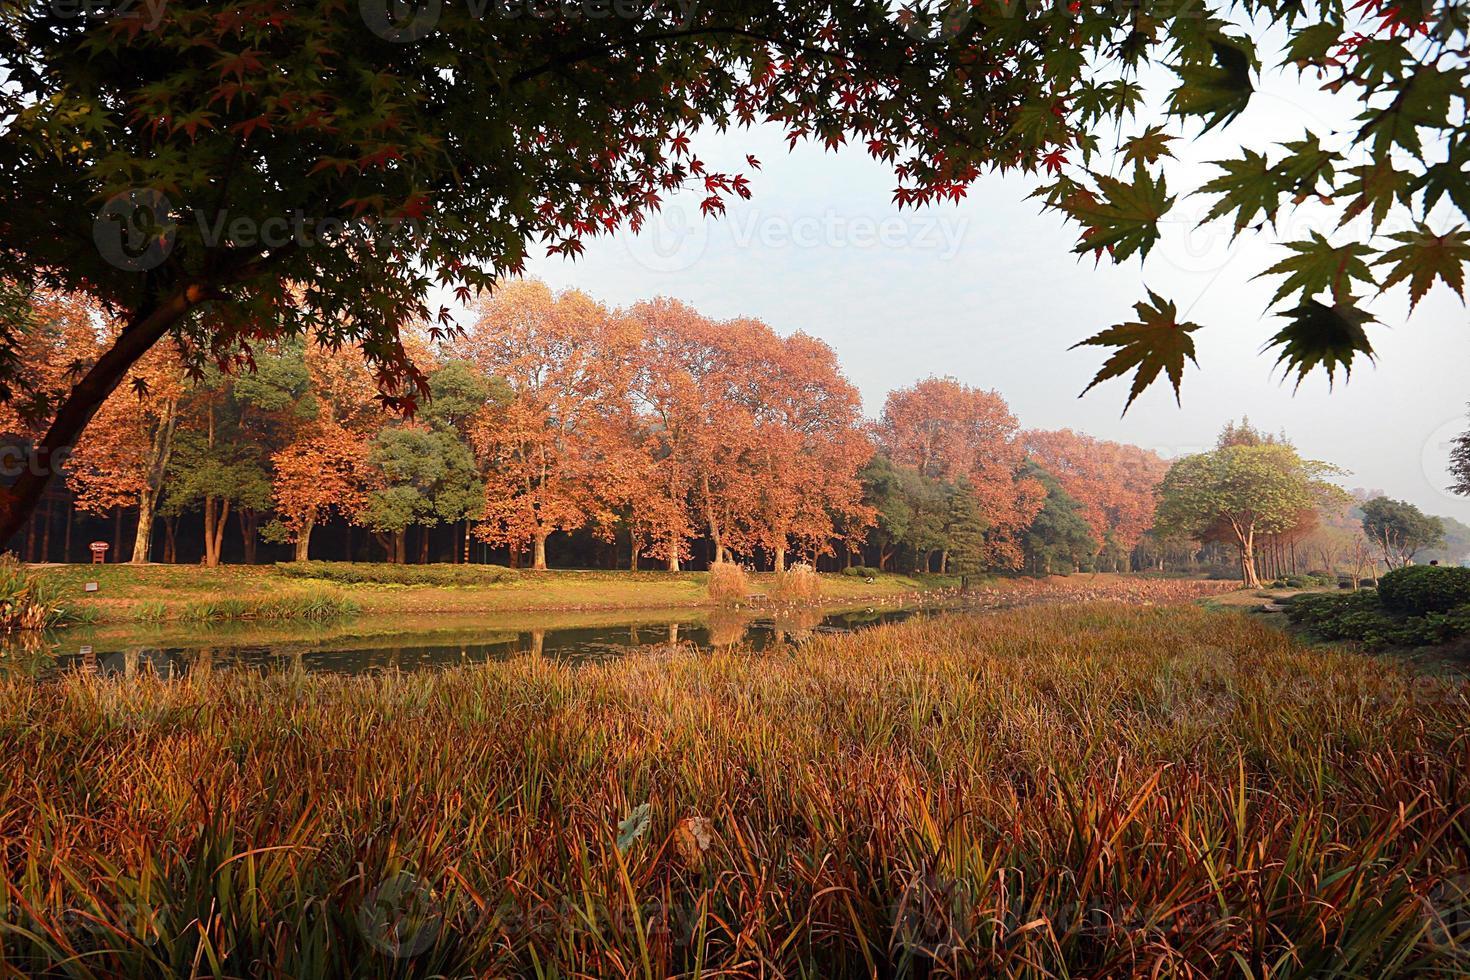 Herbstlaub in der Nähe eines Baches foto